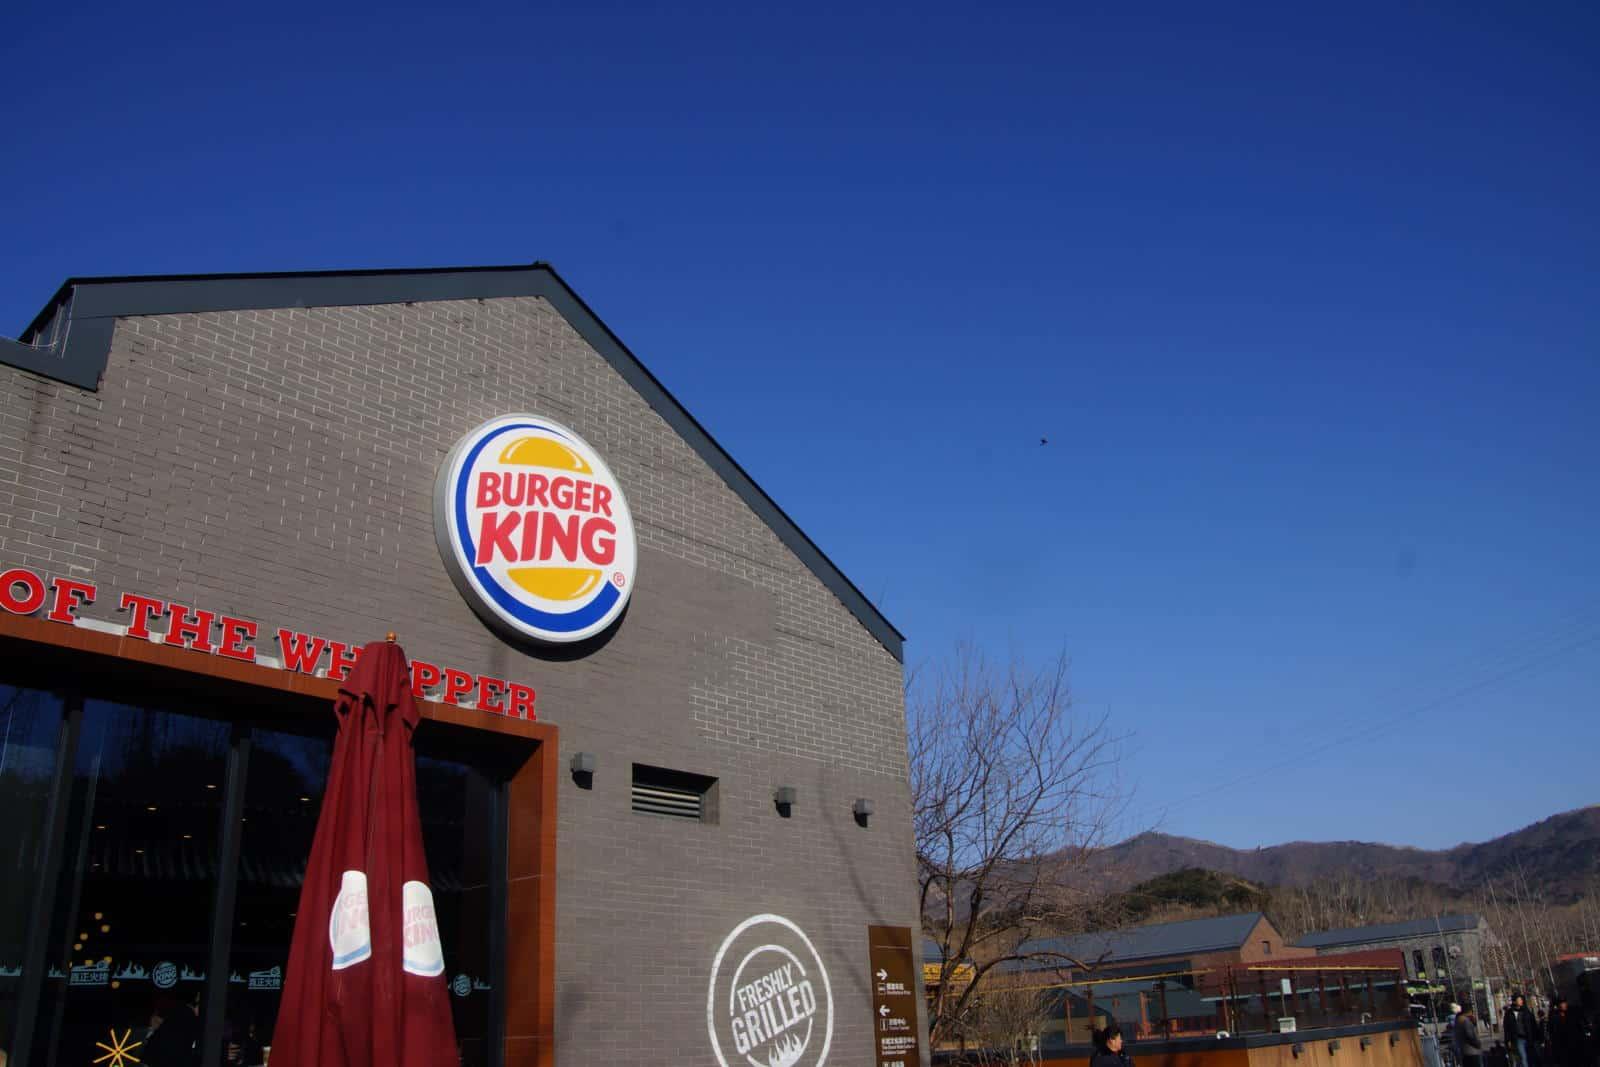 Burger King at the Great Wall of China